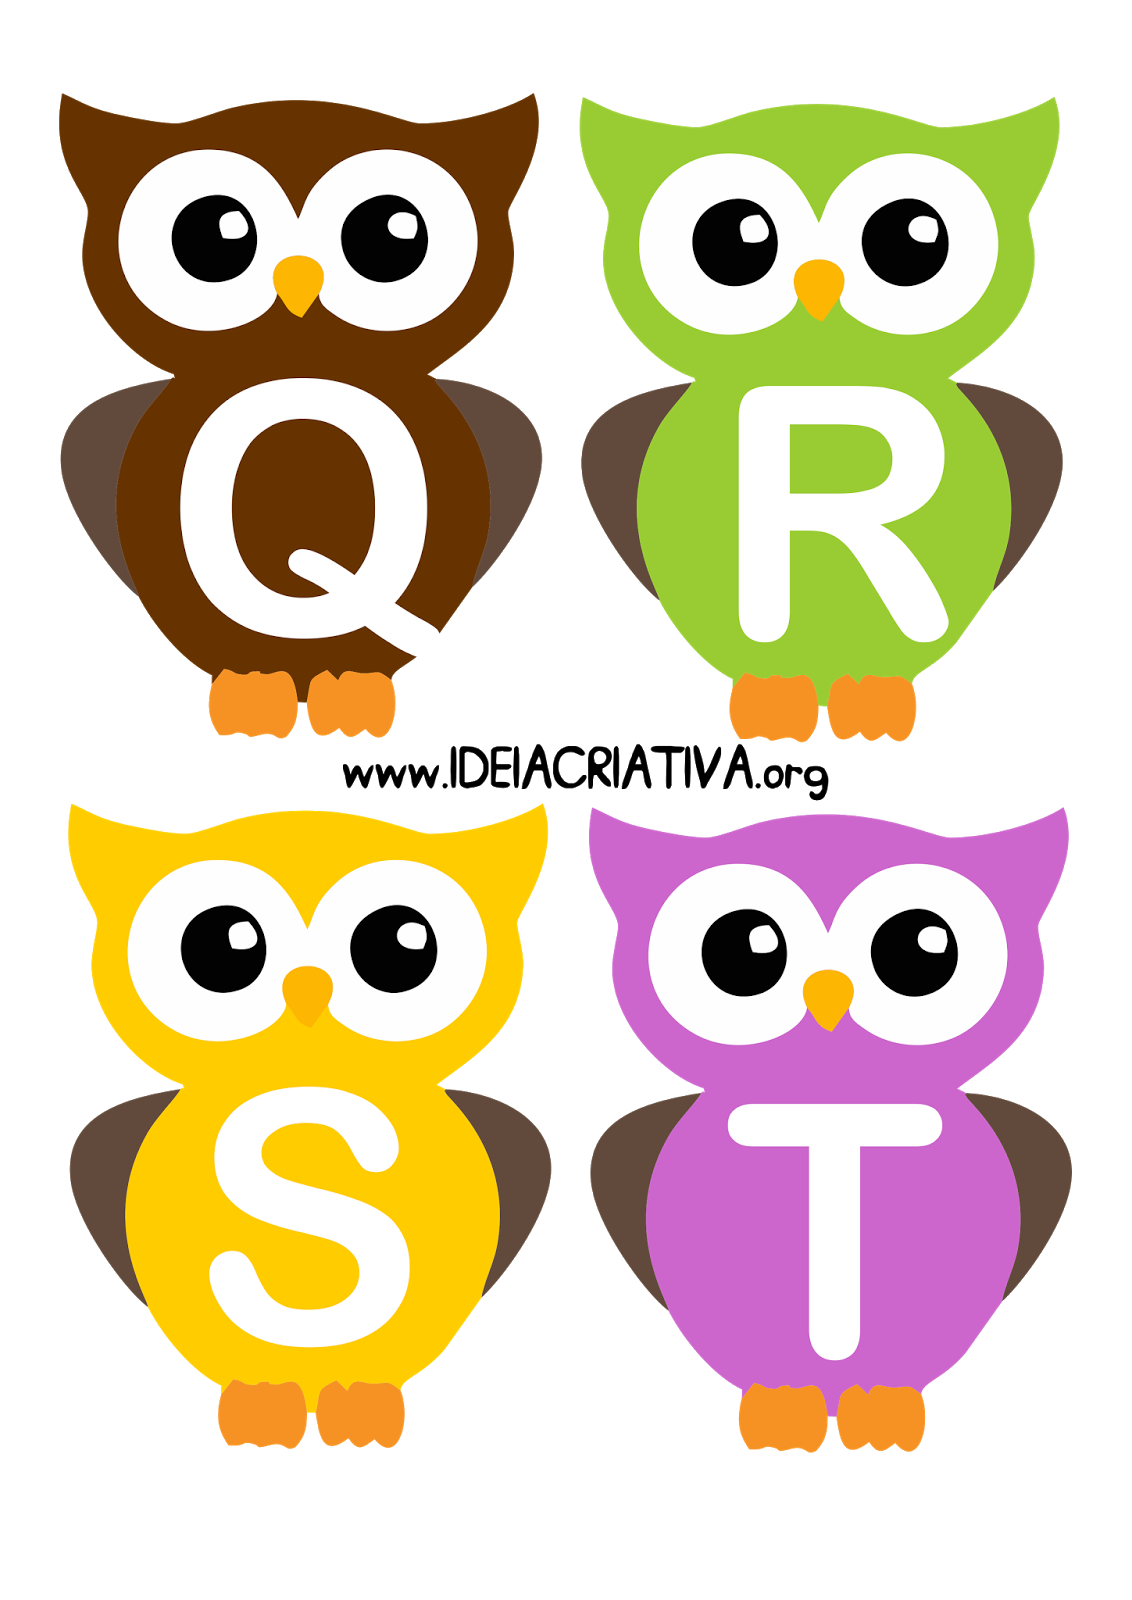 Alfabeto letra bast o. Jobs clipart owl